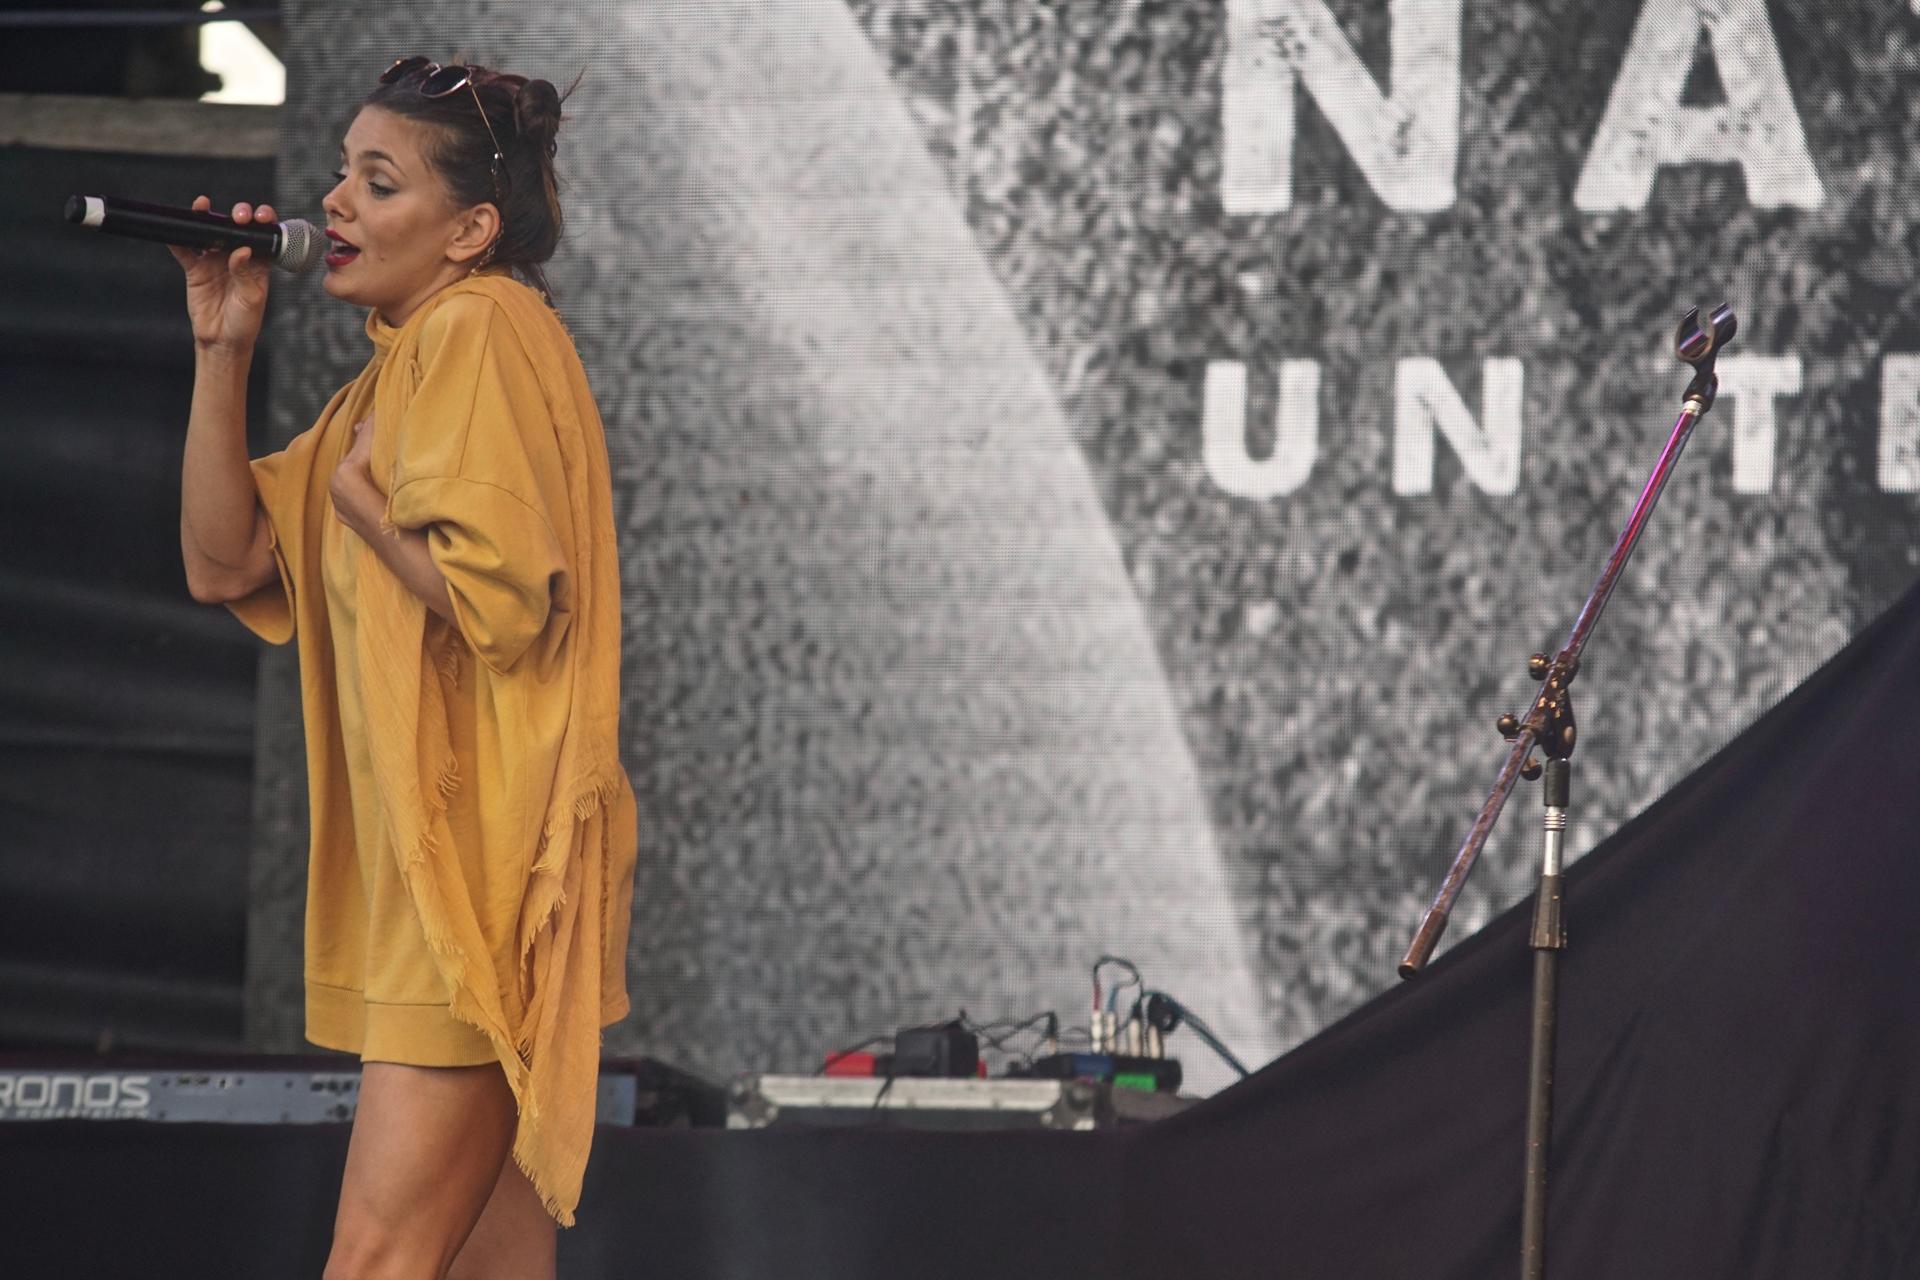 """La actriz Natalie Pérez presentó las canciones de su primer disco """"Un té de tilo"""" en el festival YPF Verano Perfecto."""